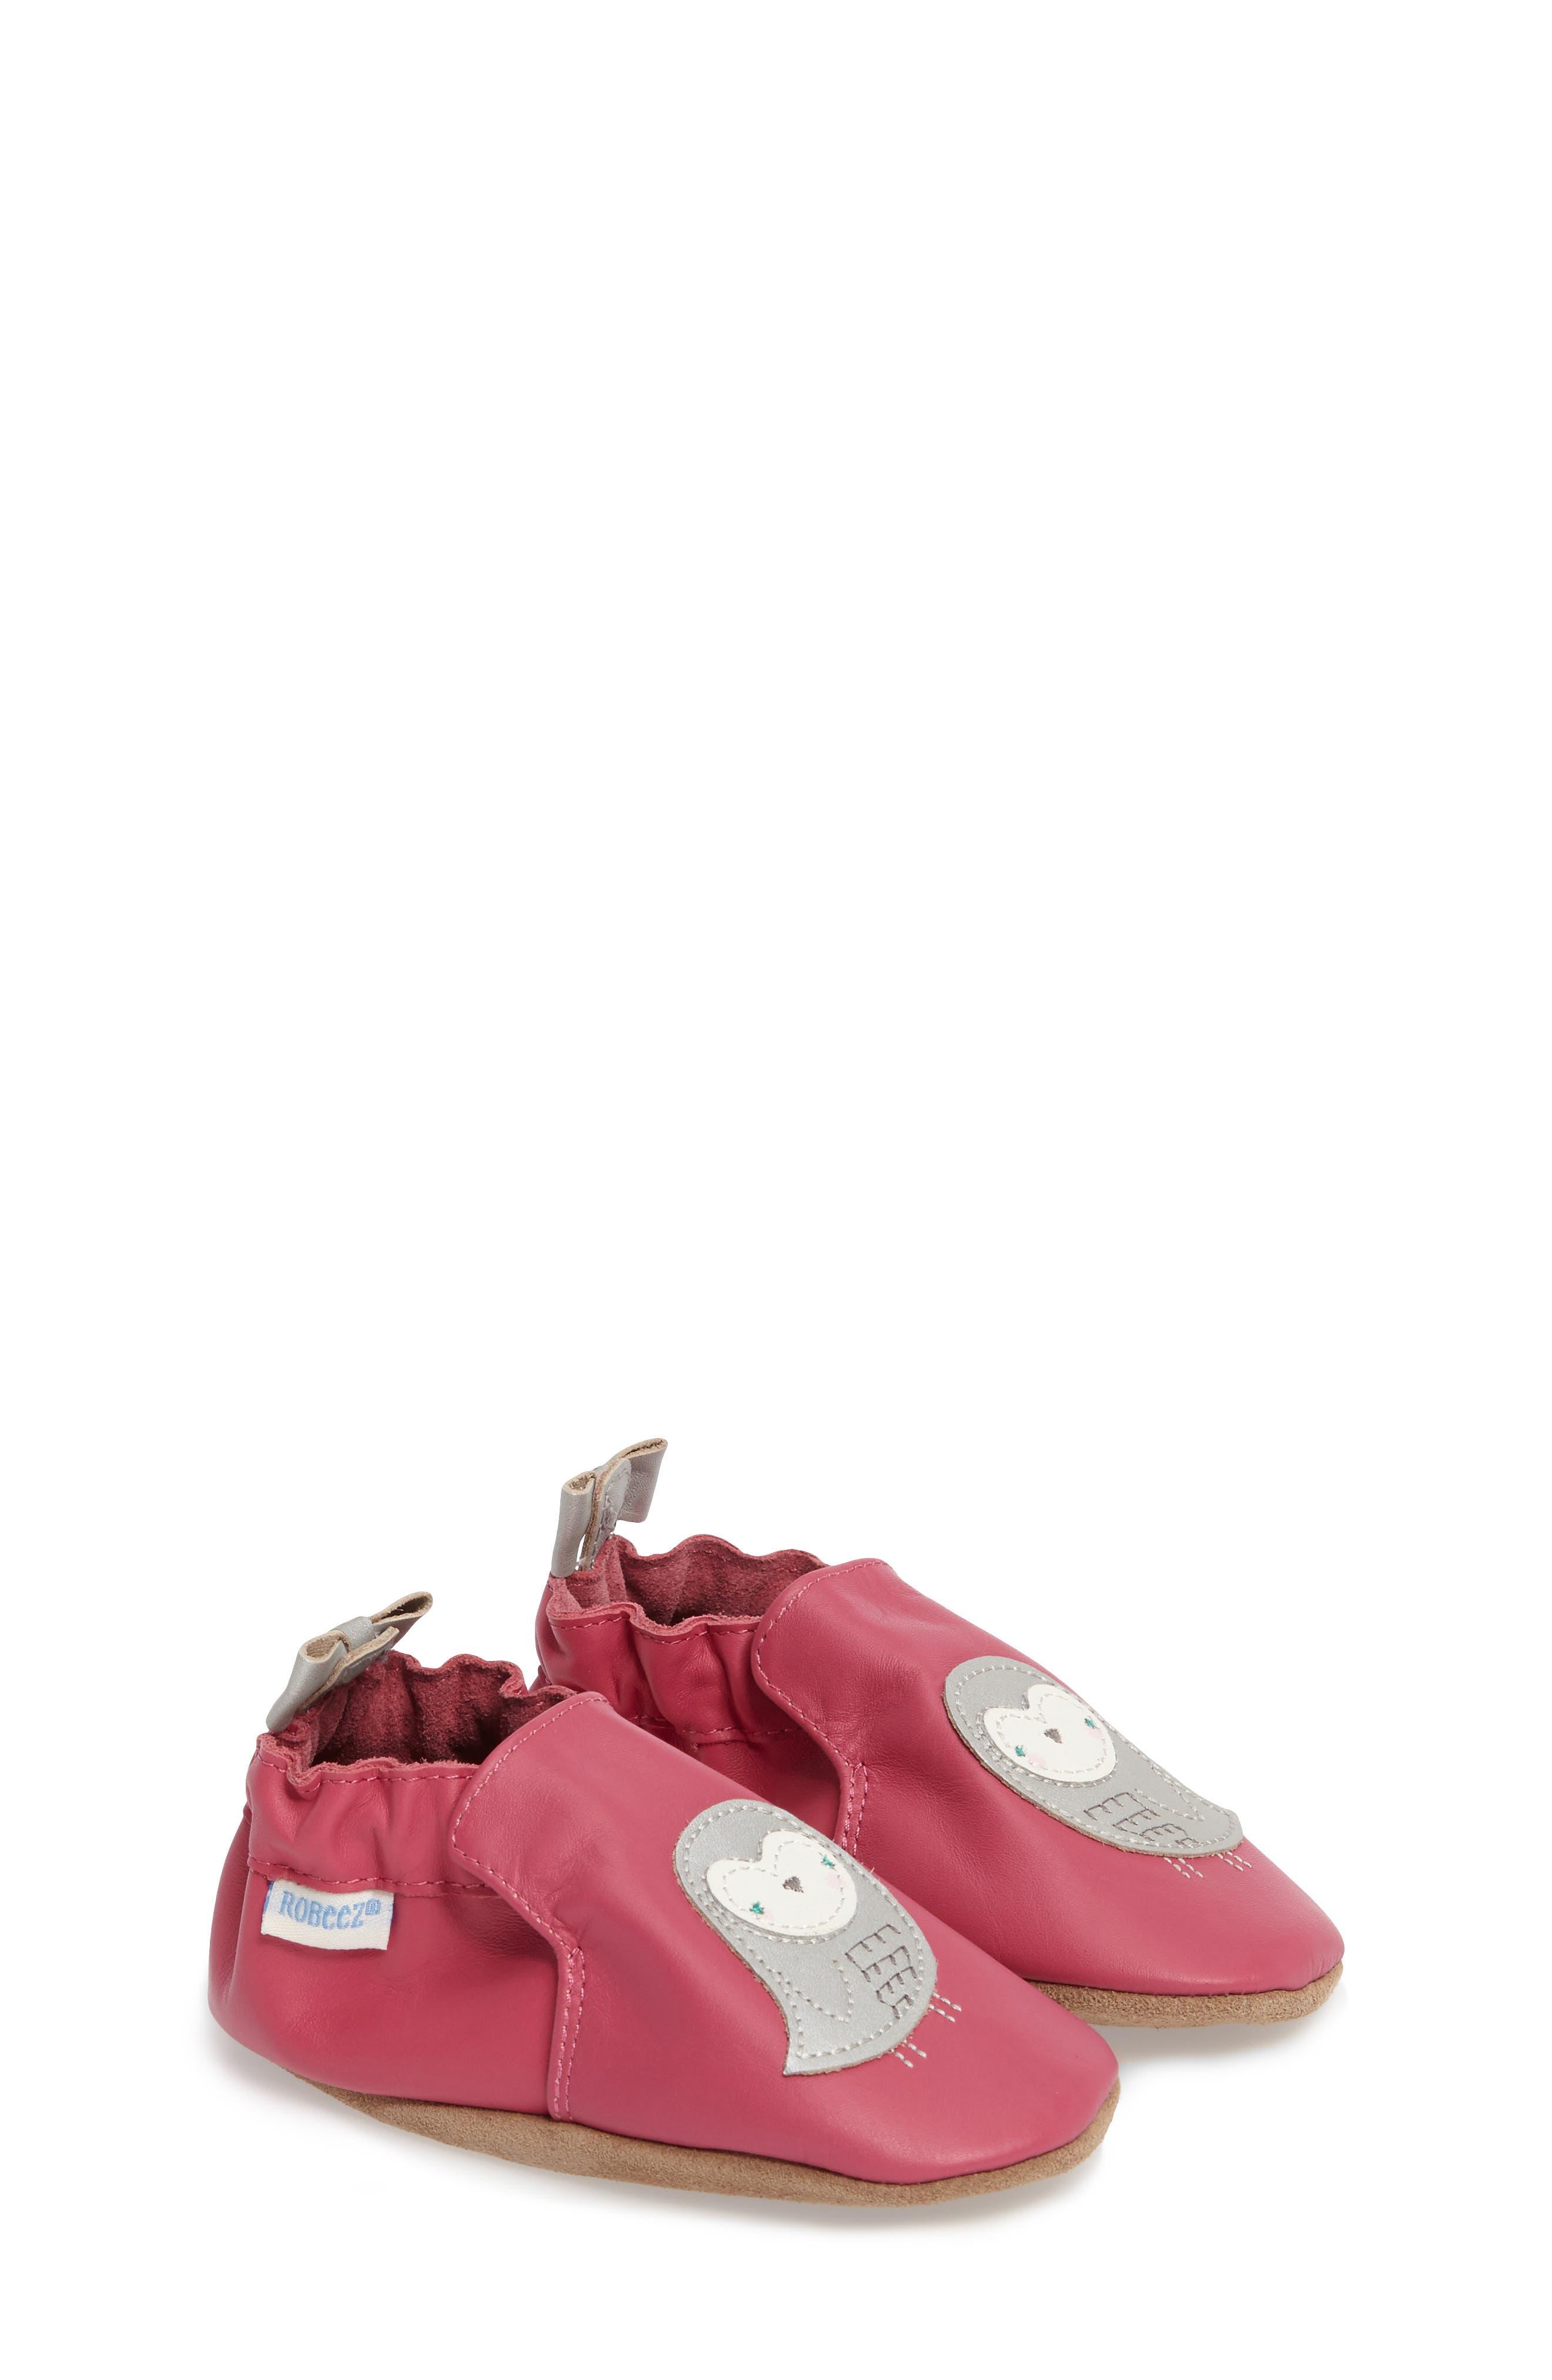 Robeez® Bird Buddies Crib Shoe (Baby)